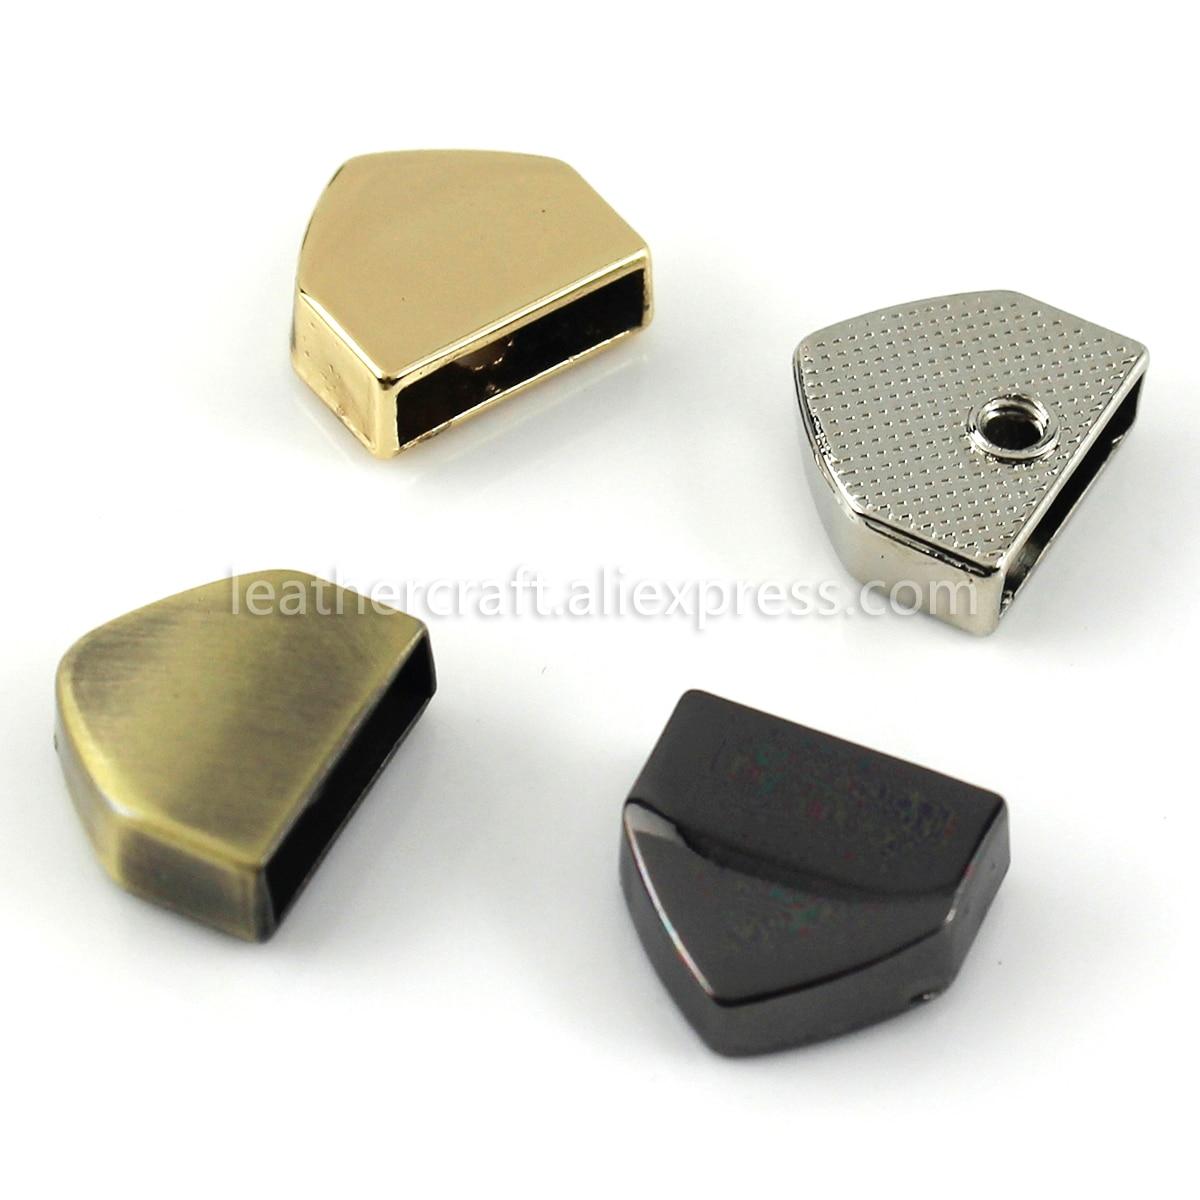 Металлическая заглушка для застежки-молнии, 10 шт., заглушка для фиксации хвоста с винтом, сумка для самостоятельного изготовления кожаных и...